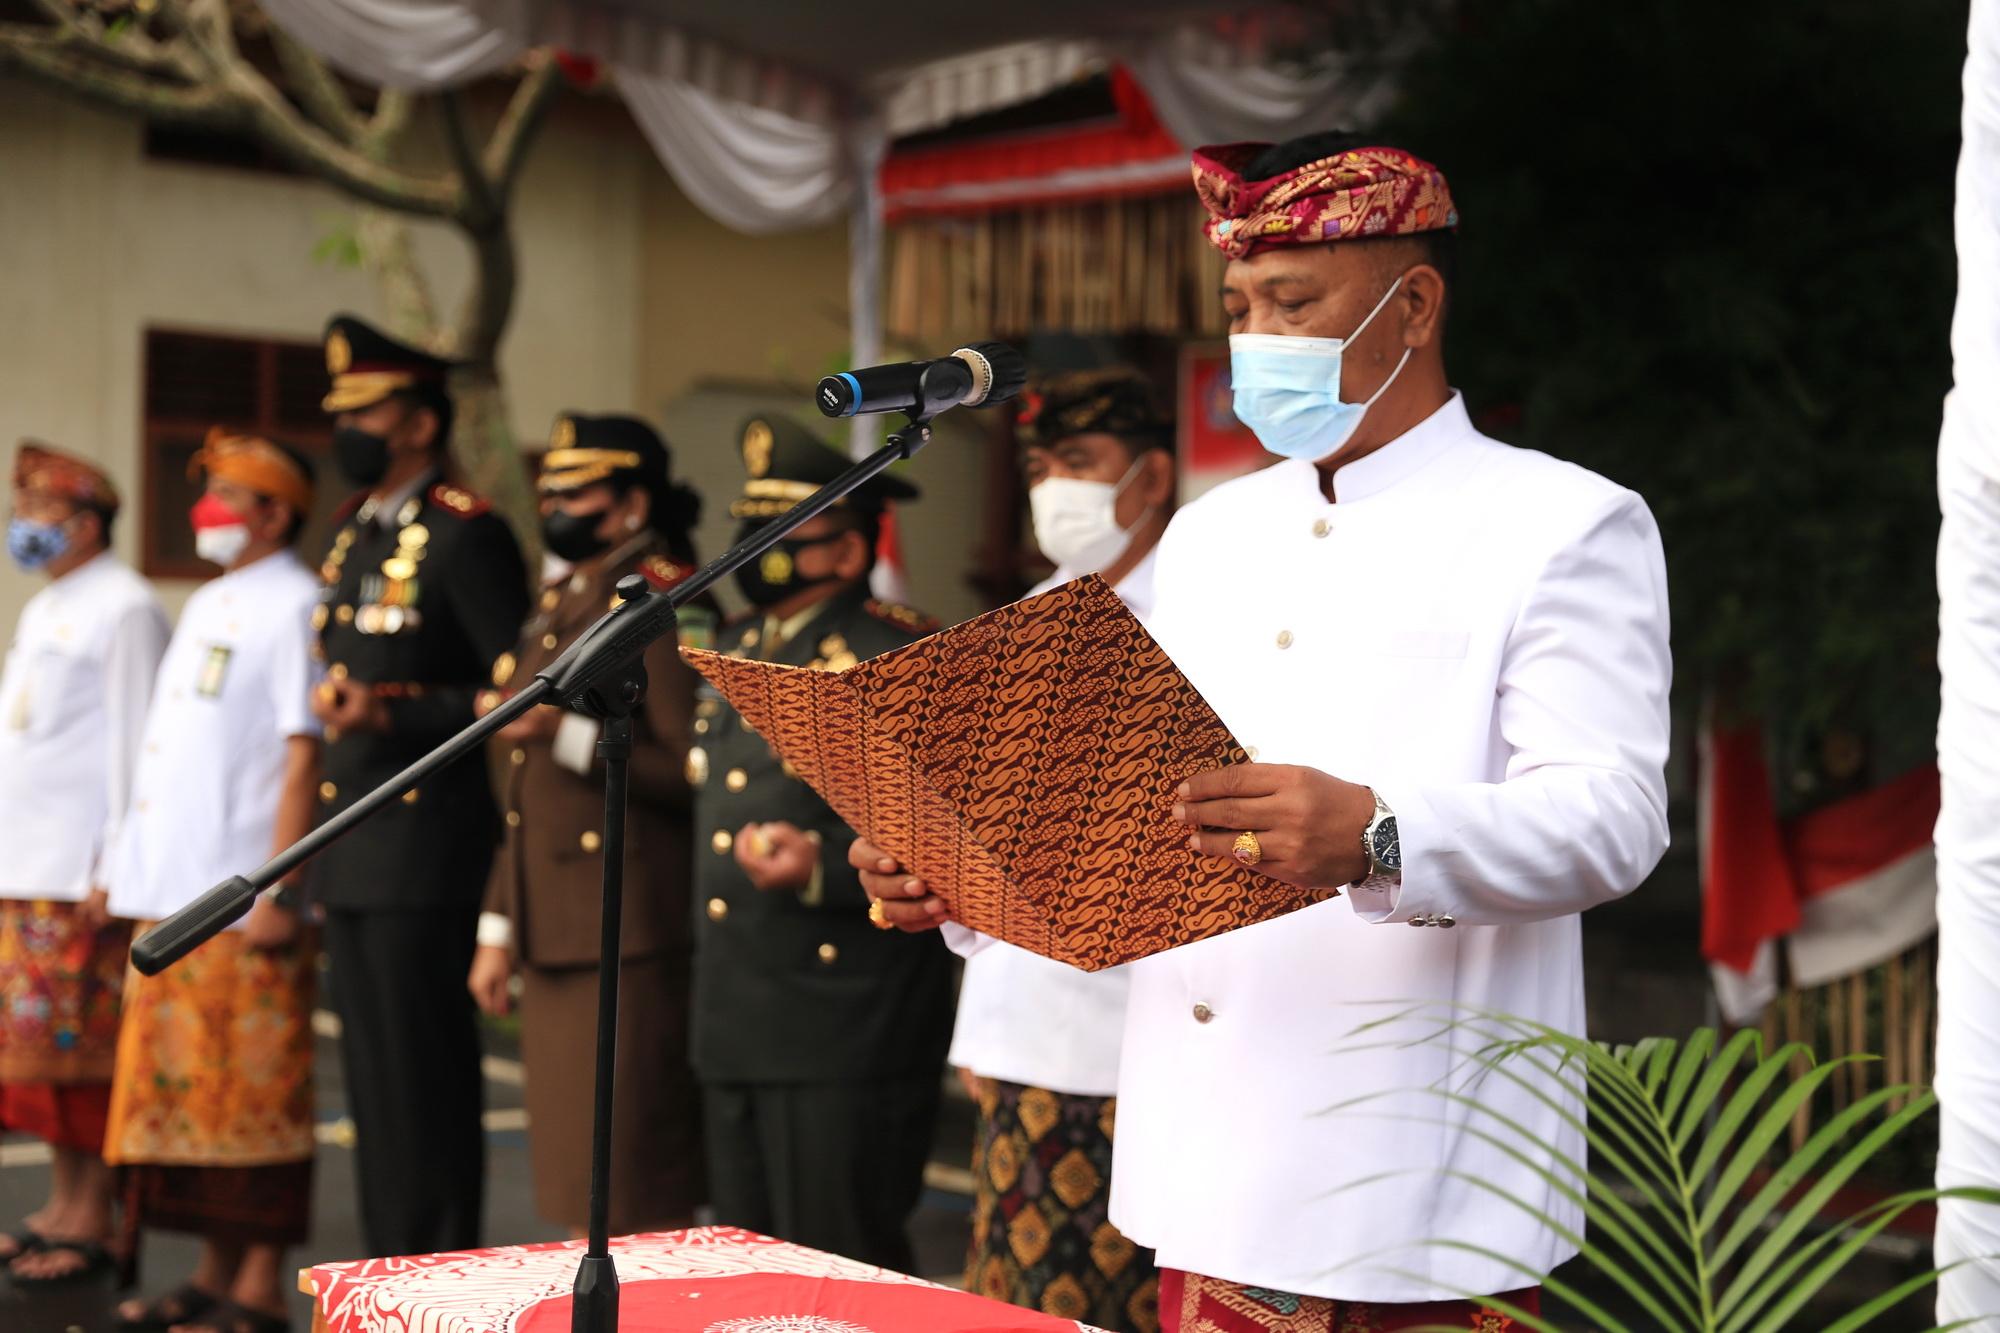 KETUA DPRD Kabupaten Klungkung, AA Gde Anom, membacakan naskah Proklamasi di Hari Kemerdekaan Republik Indonesia ke-76 di halaman belakang kantor Bupati Klungkung, Selasa (17/8/2021). Foto: ist